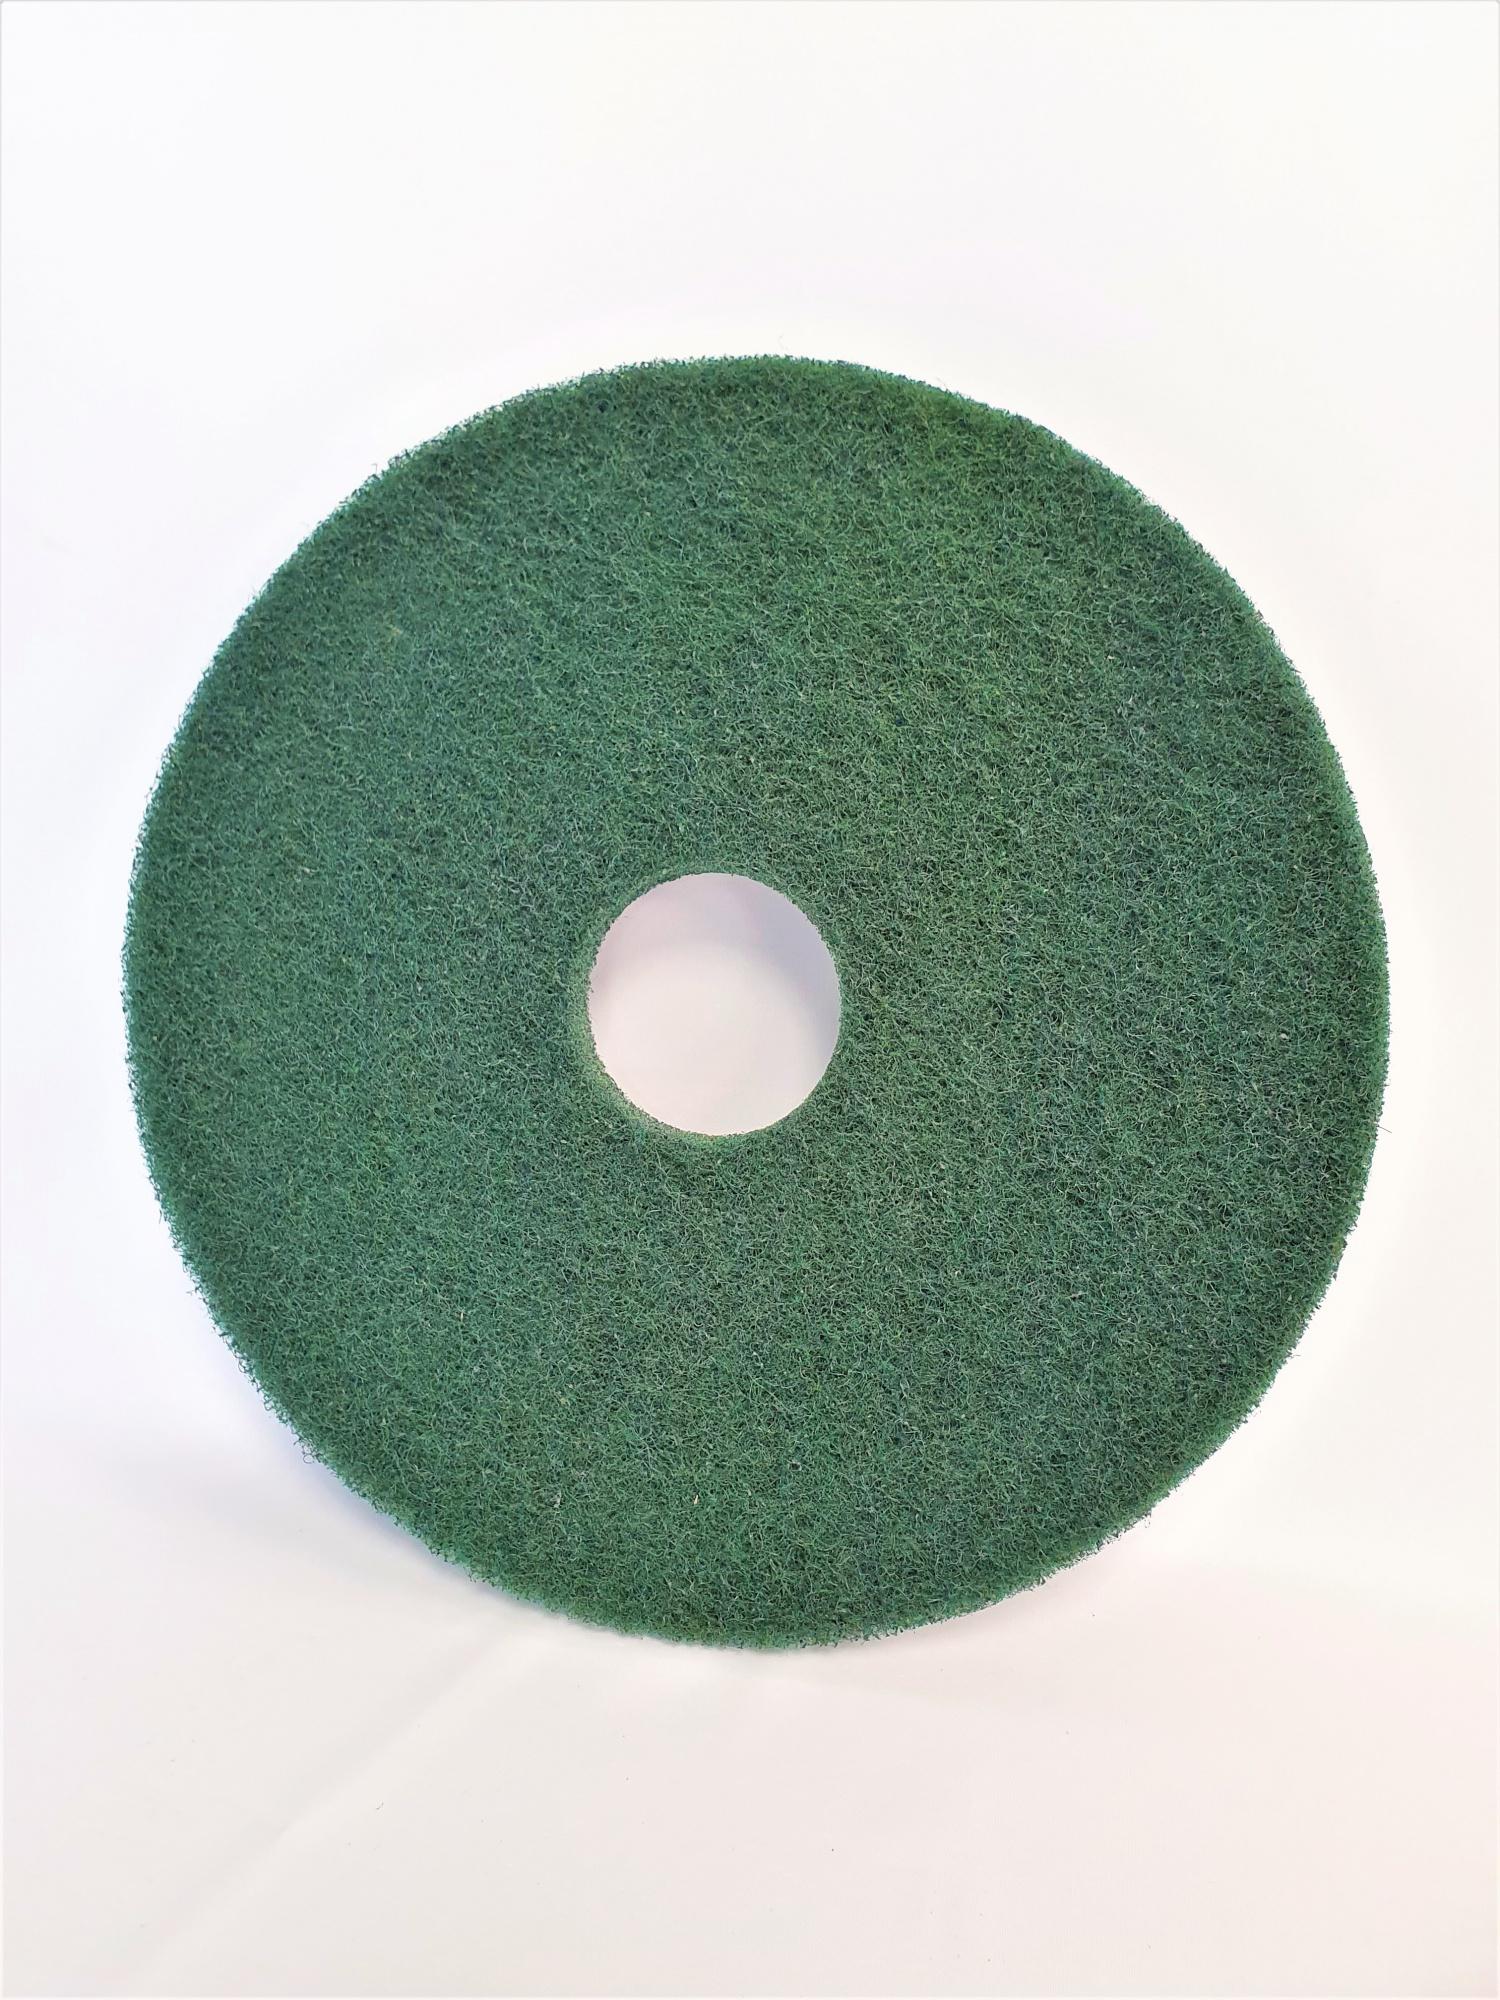 Disques verts 432 mm pour Autolaveuse RCM BYTE I